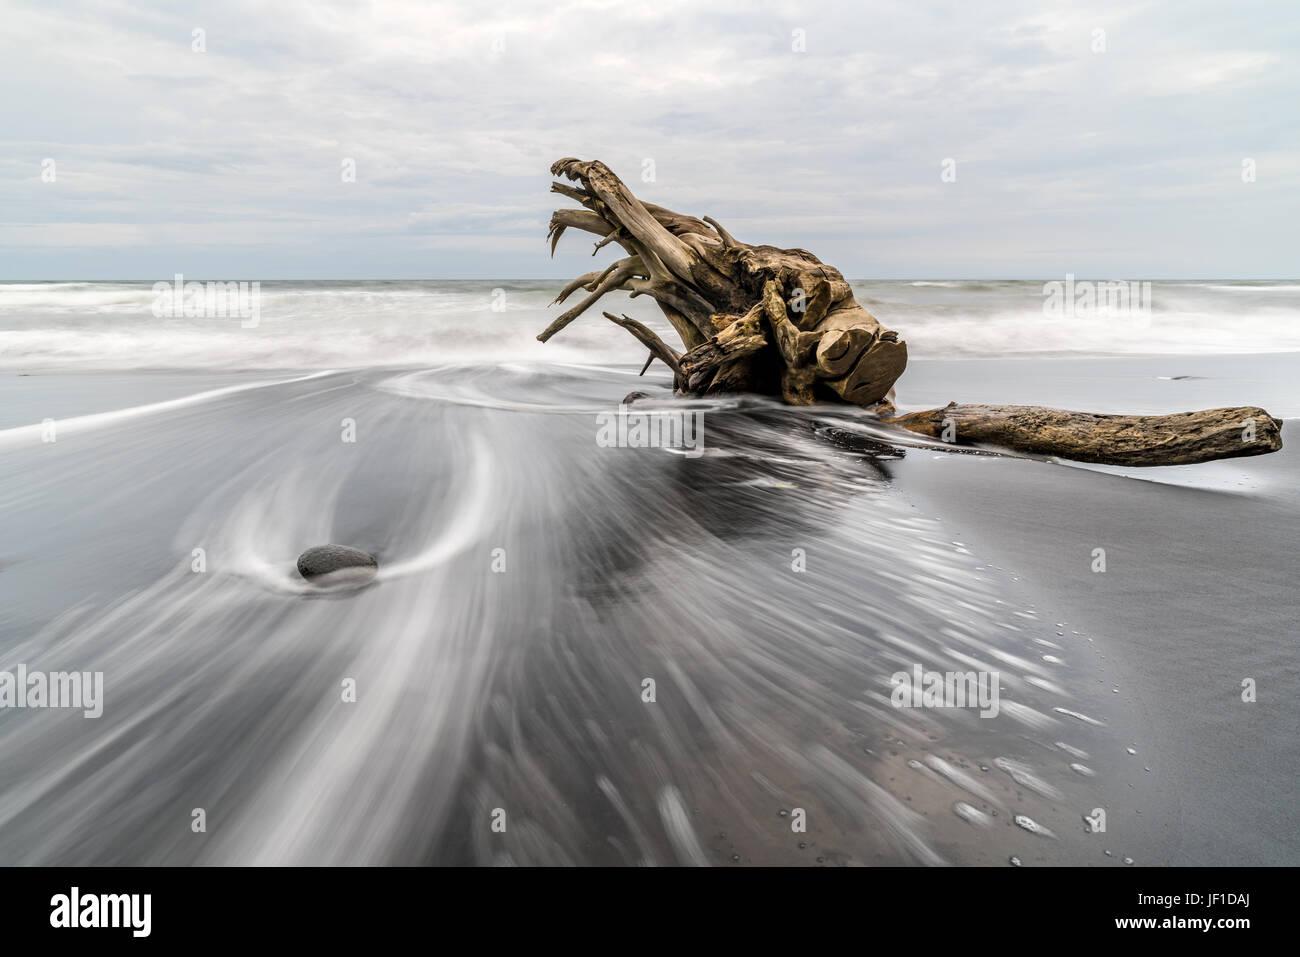 Journal de grève sur une plage de Bali à couper le souffle et l'incroyable effet d'un courant Photo Stock